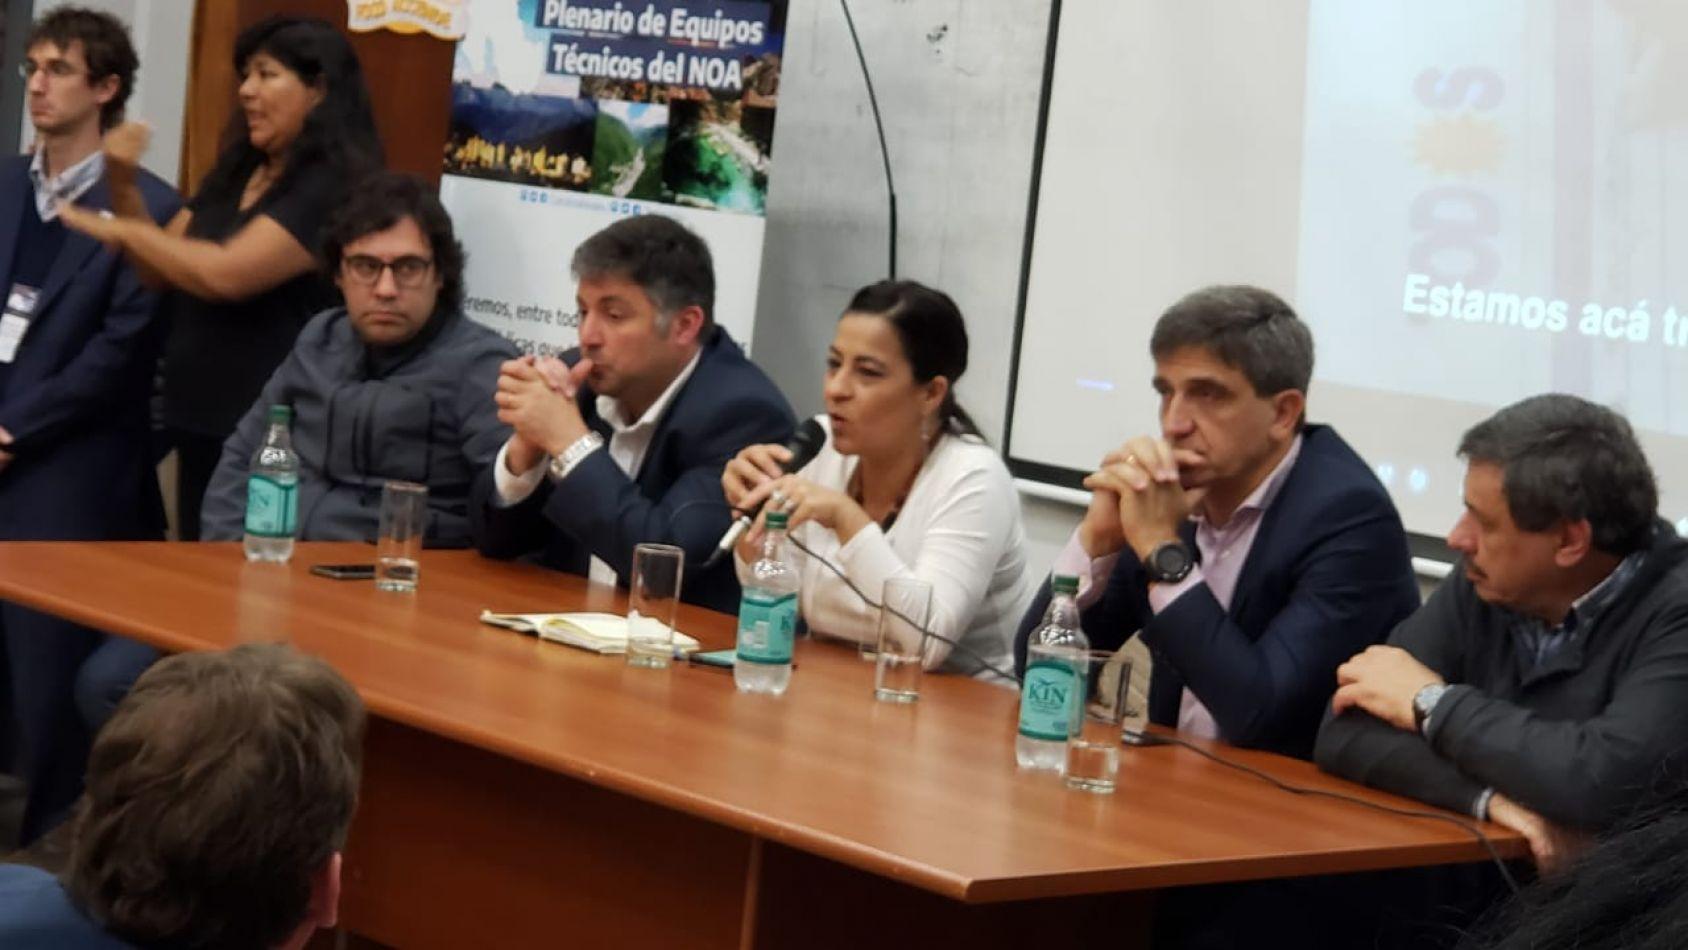 Jujuy se sumó a los Equipos Técnicos del NOA del Frente de Todos